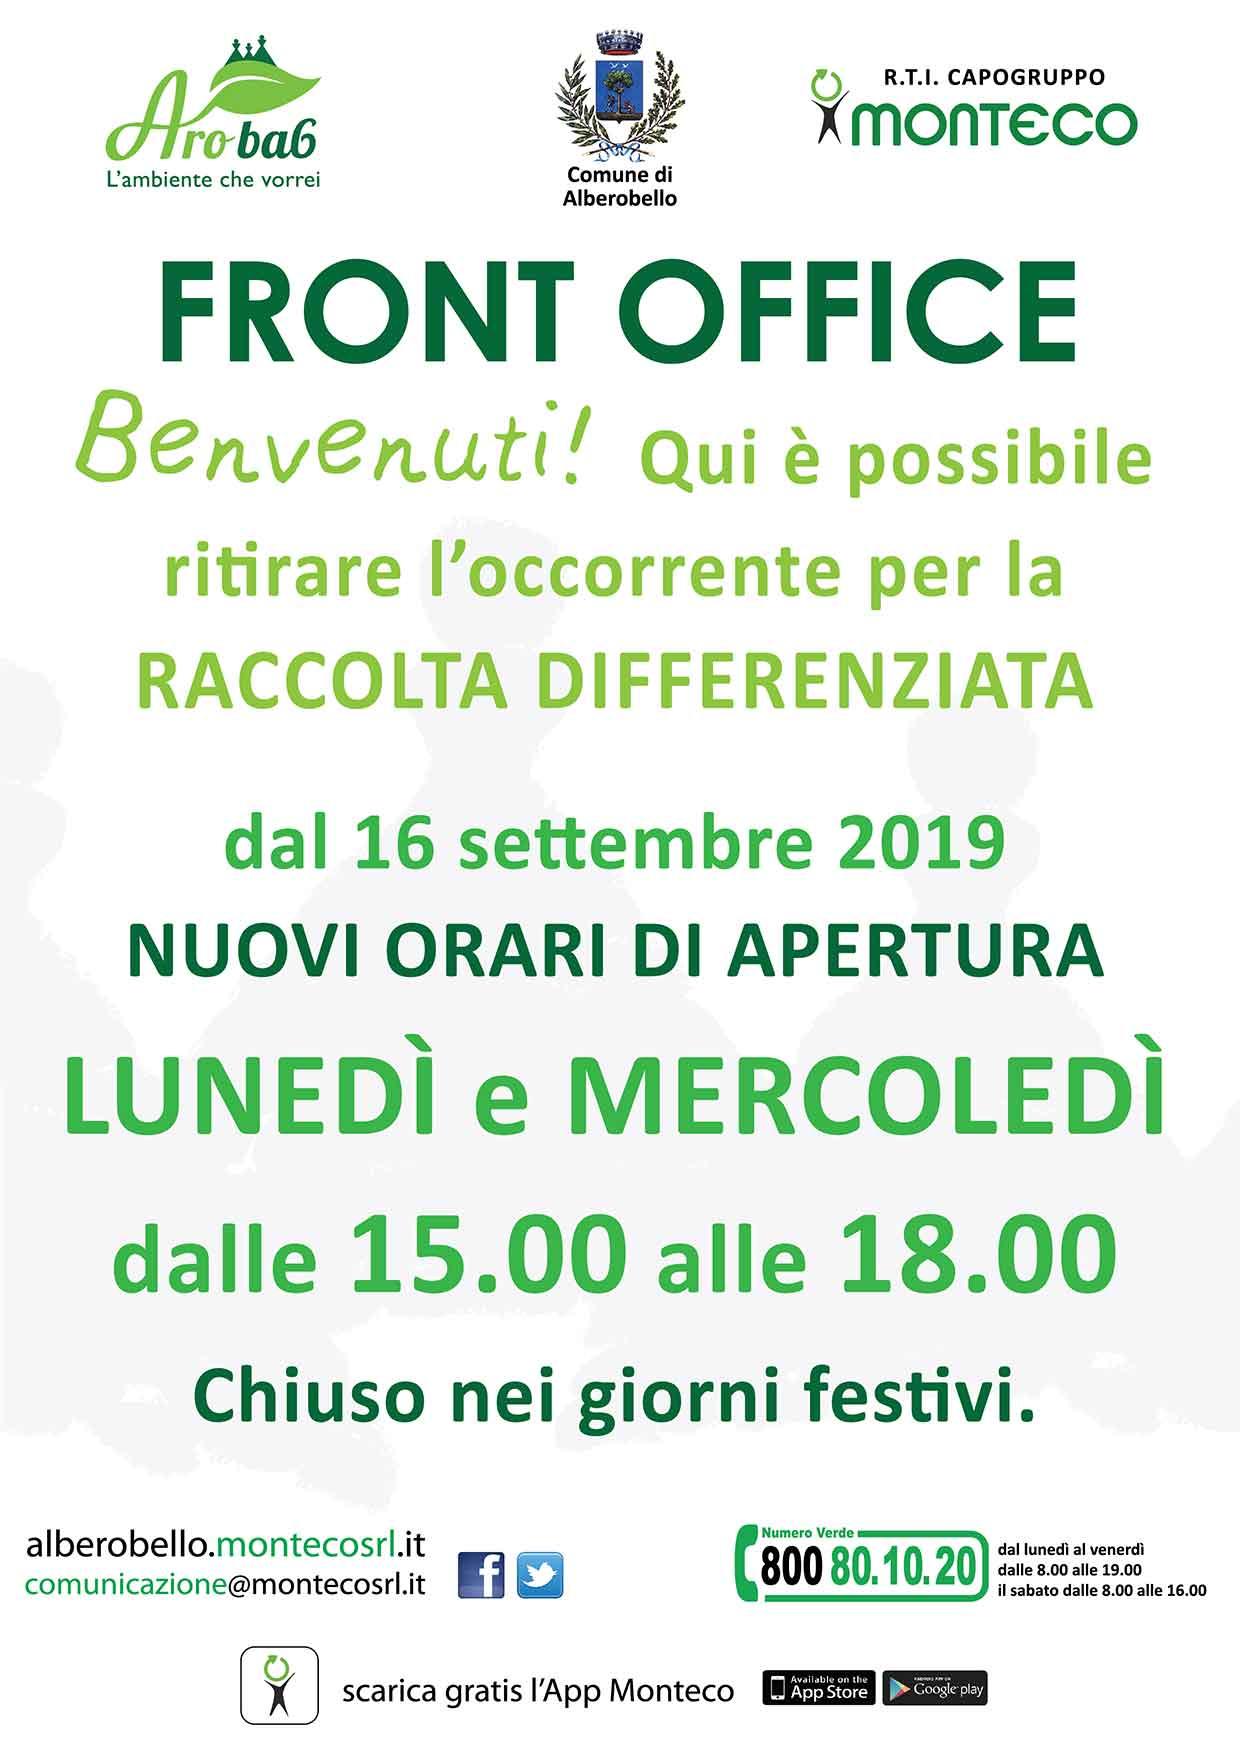 nuovi orari di apertura del Front Office di Alberobello